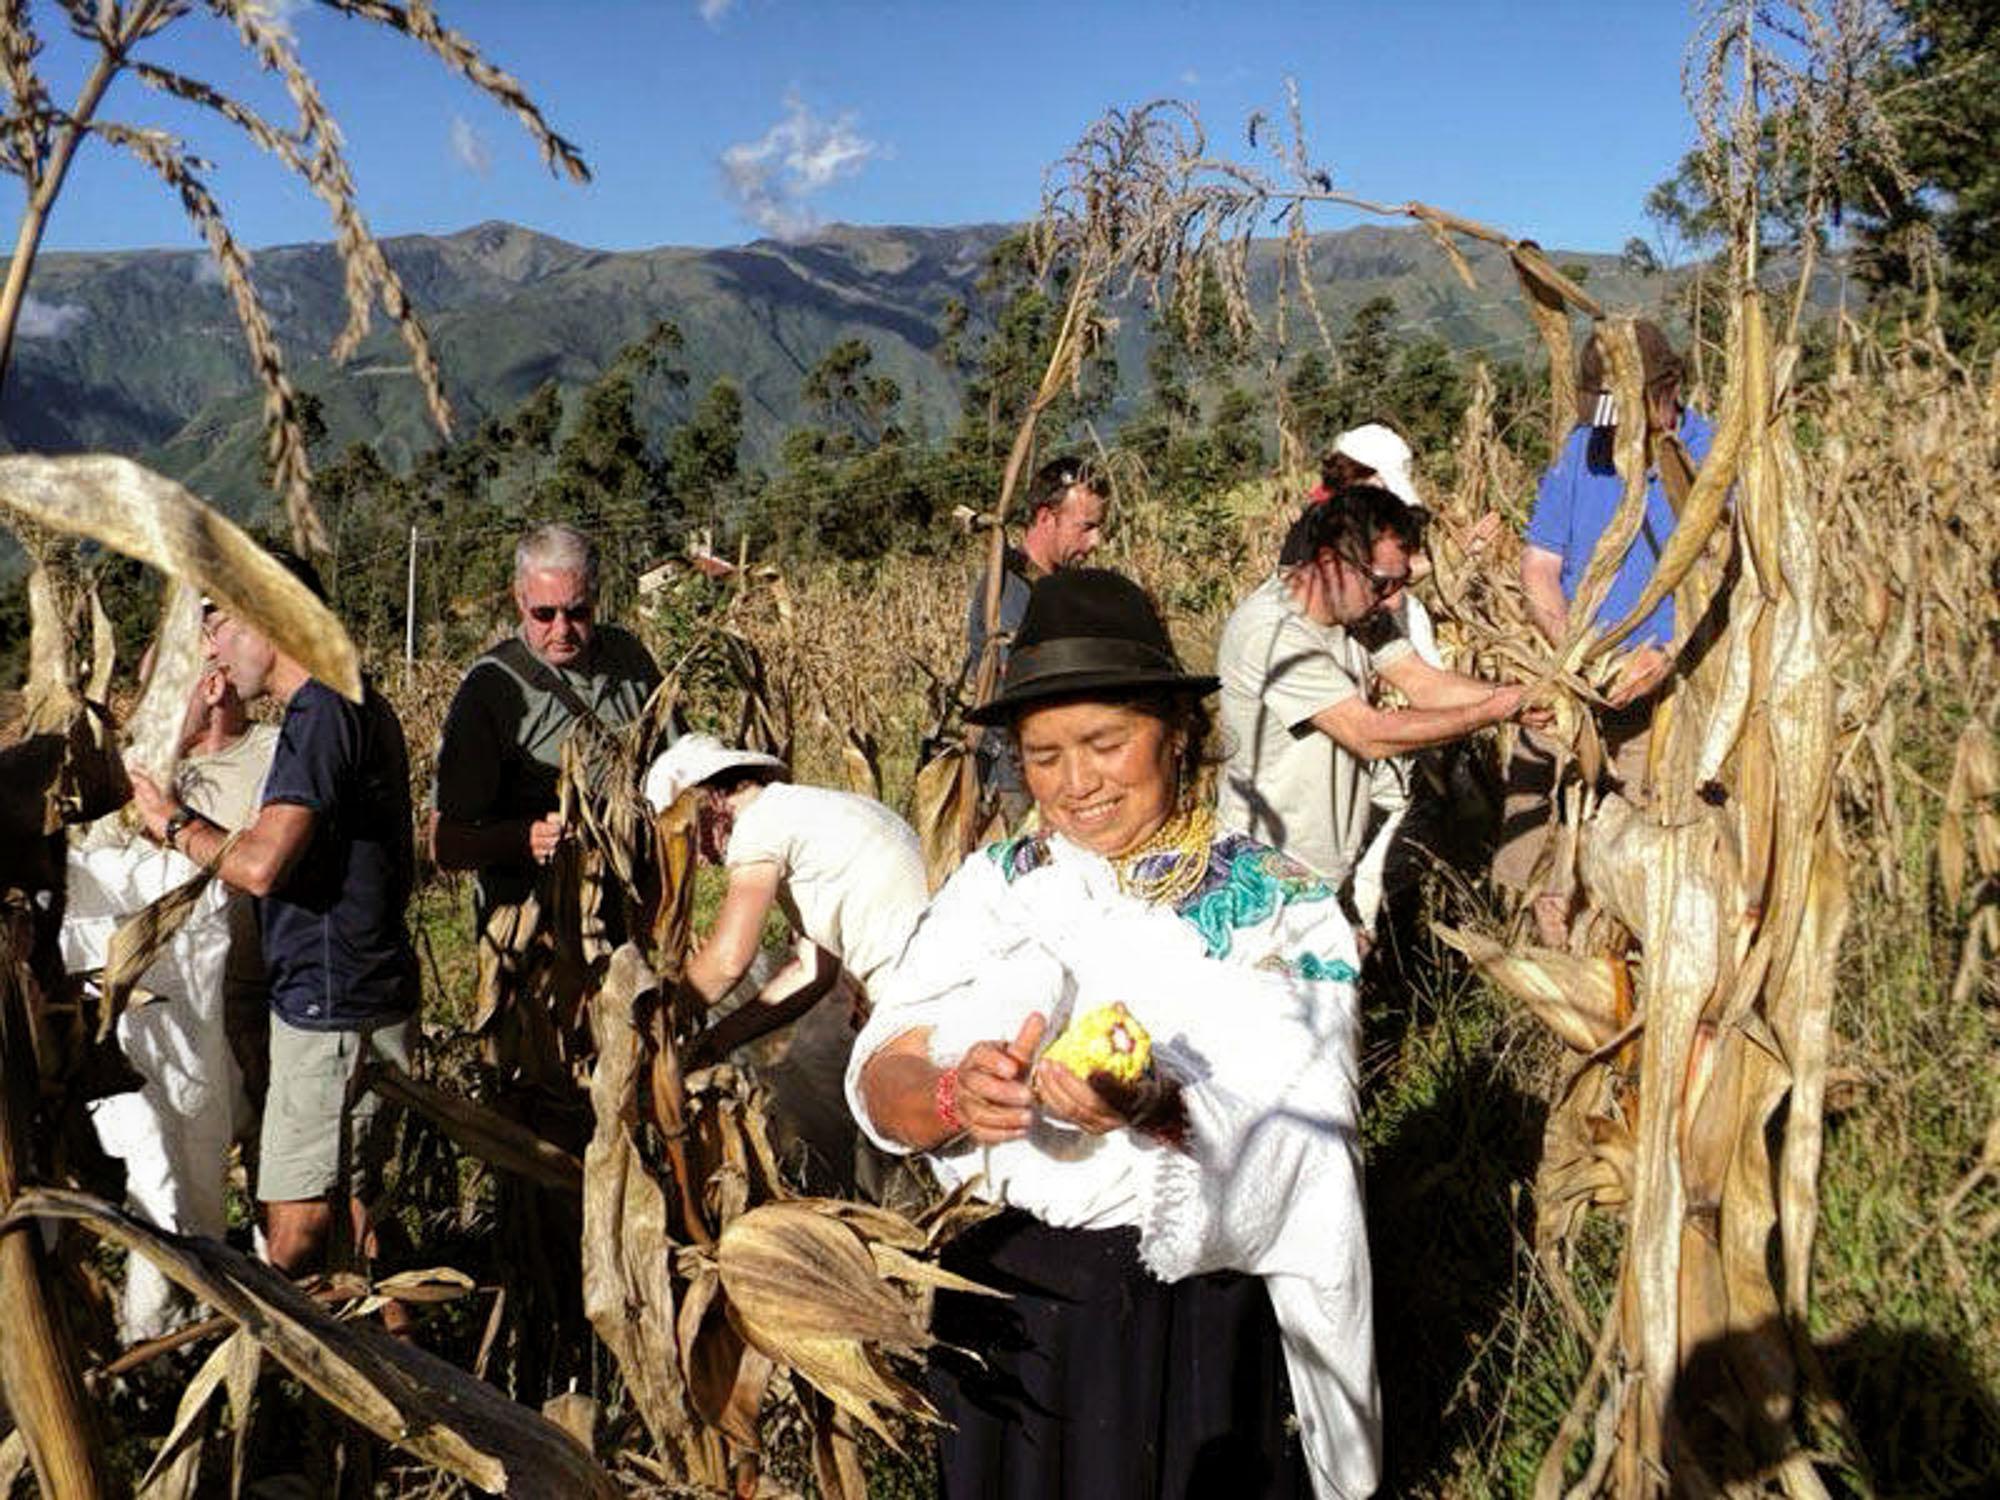 Ecotourisme-voyages-alternatifs-Equateur-En-liberte-3.jpg